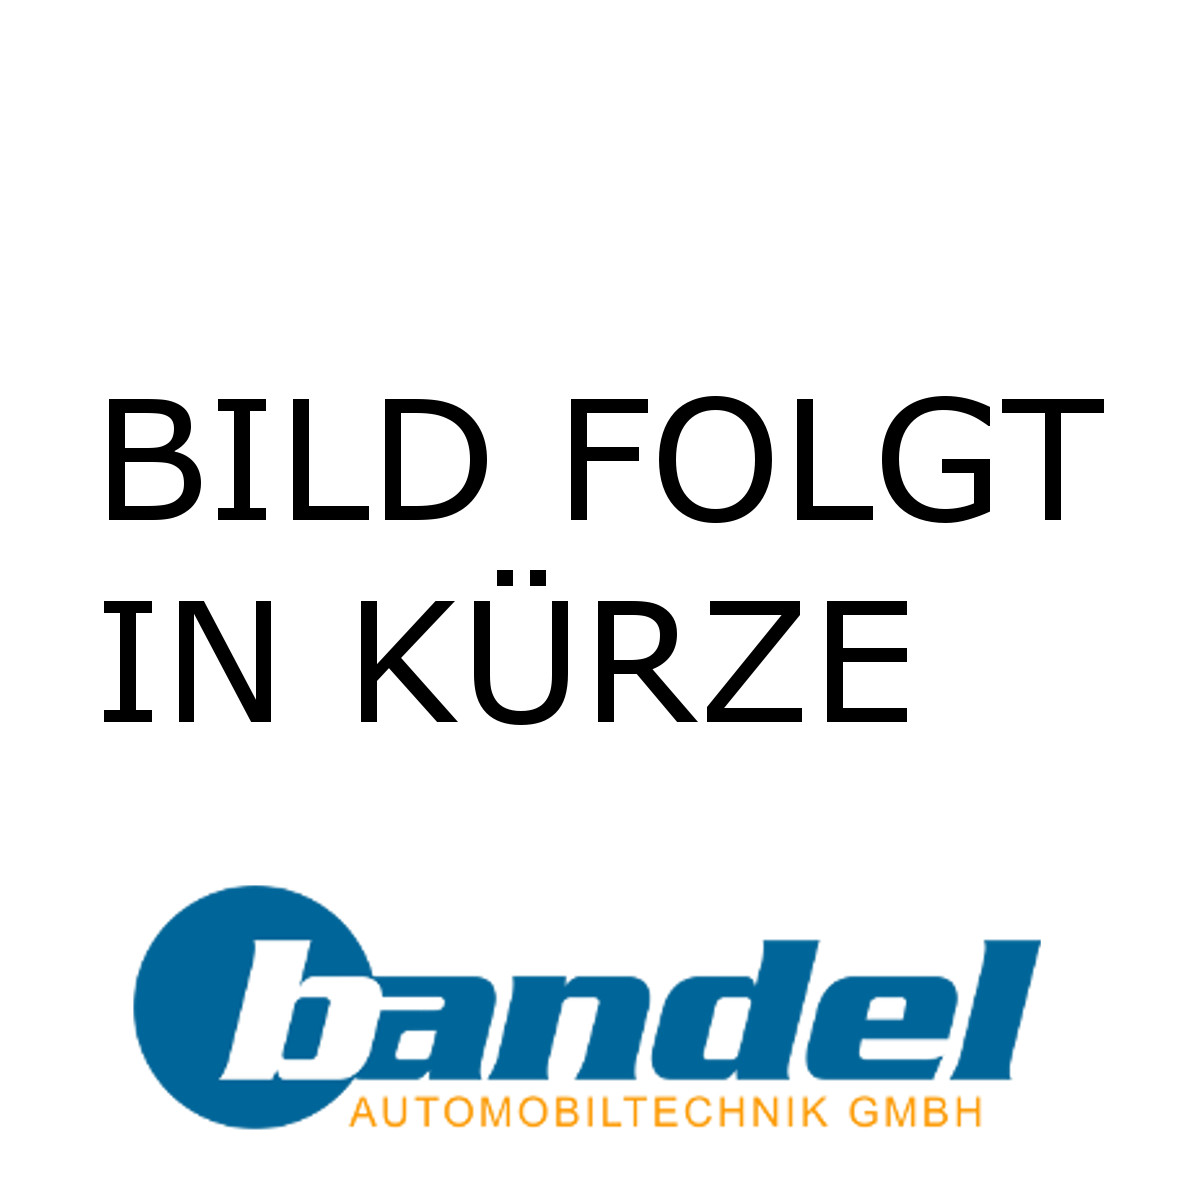 2x QUERLENKER +TRAGGELENK +LAGERUNG VORMONTIERT BMW 3-ER E46 Z4 E85 2.0-3.0 Pic:4